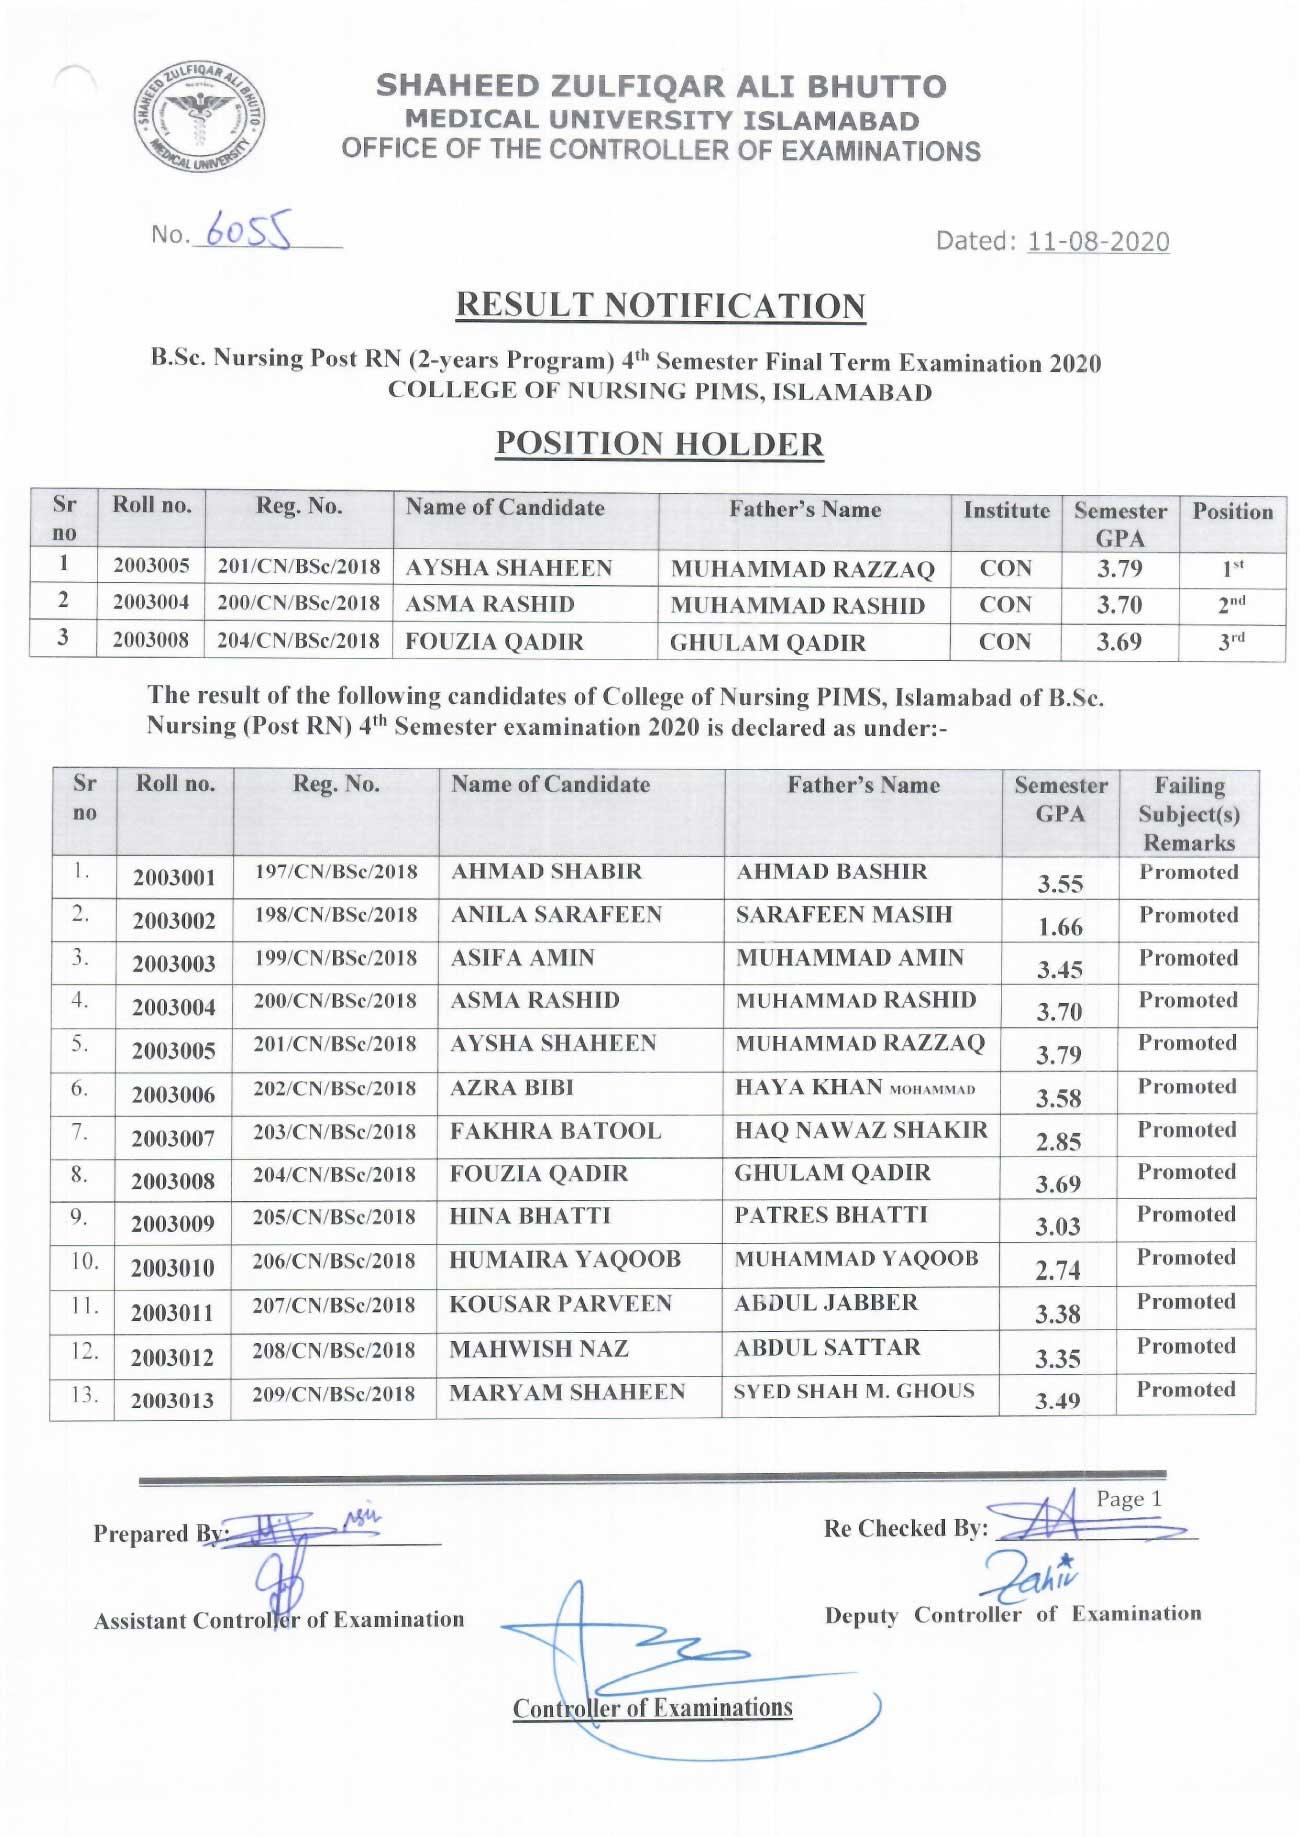 Result Notification of B.Sc Nursing Post RN 4th Semester 2020